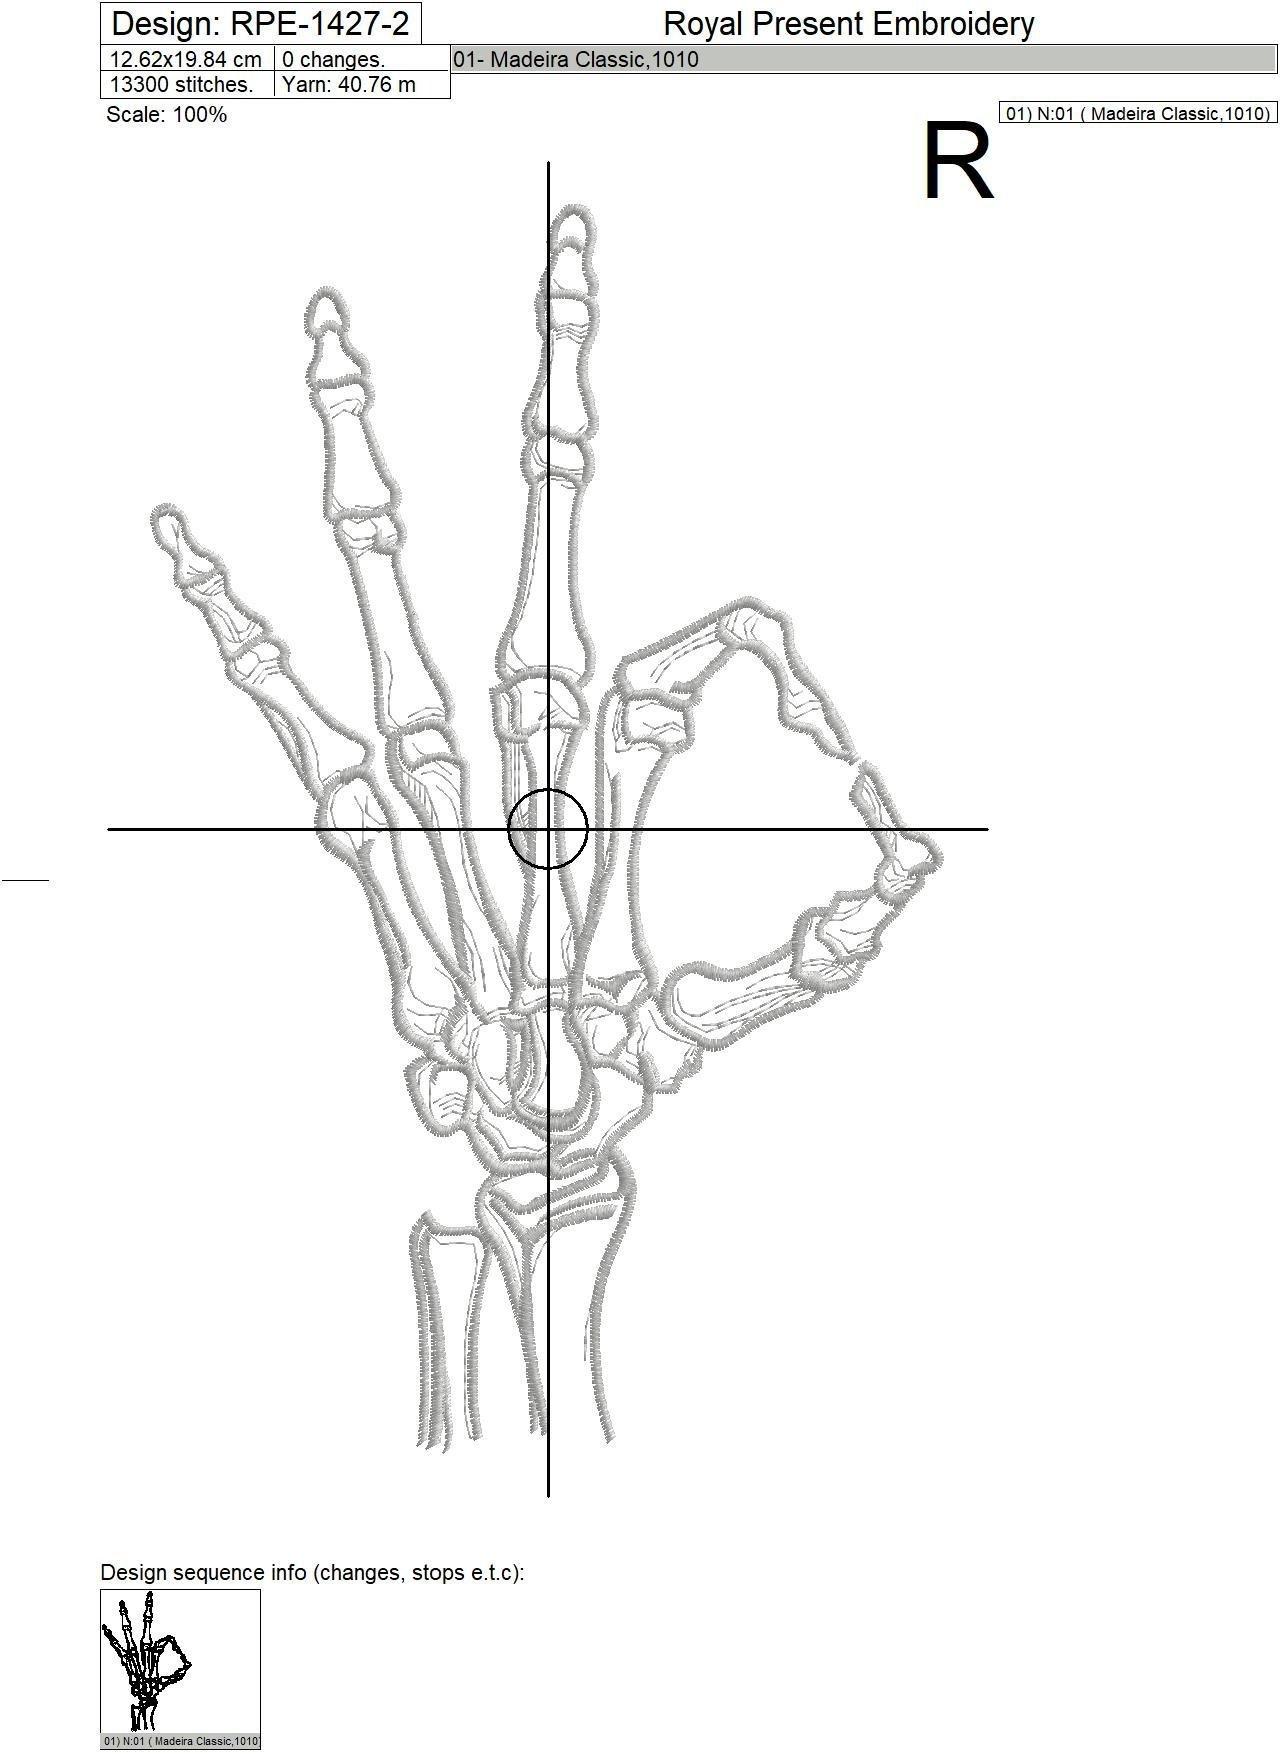 Дизайн машинной вышивки Рука скелета жест ОК - 3 размера